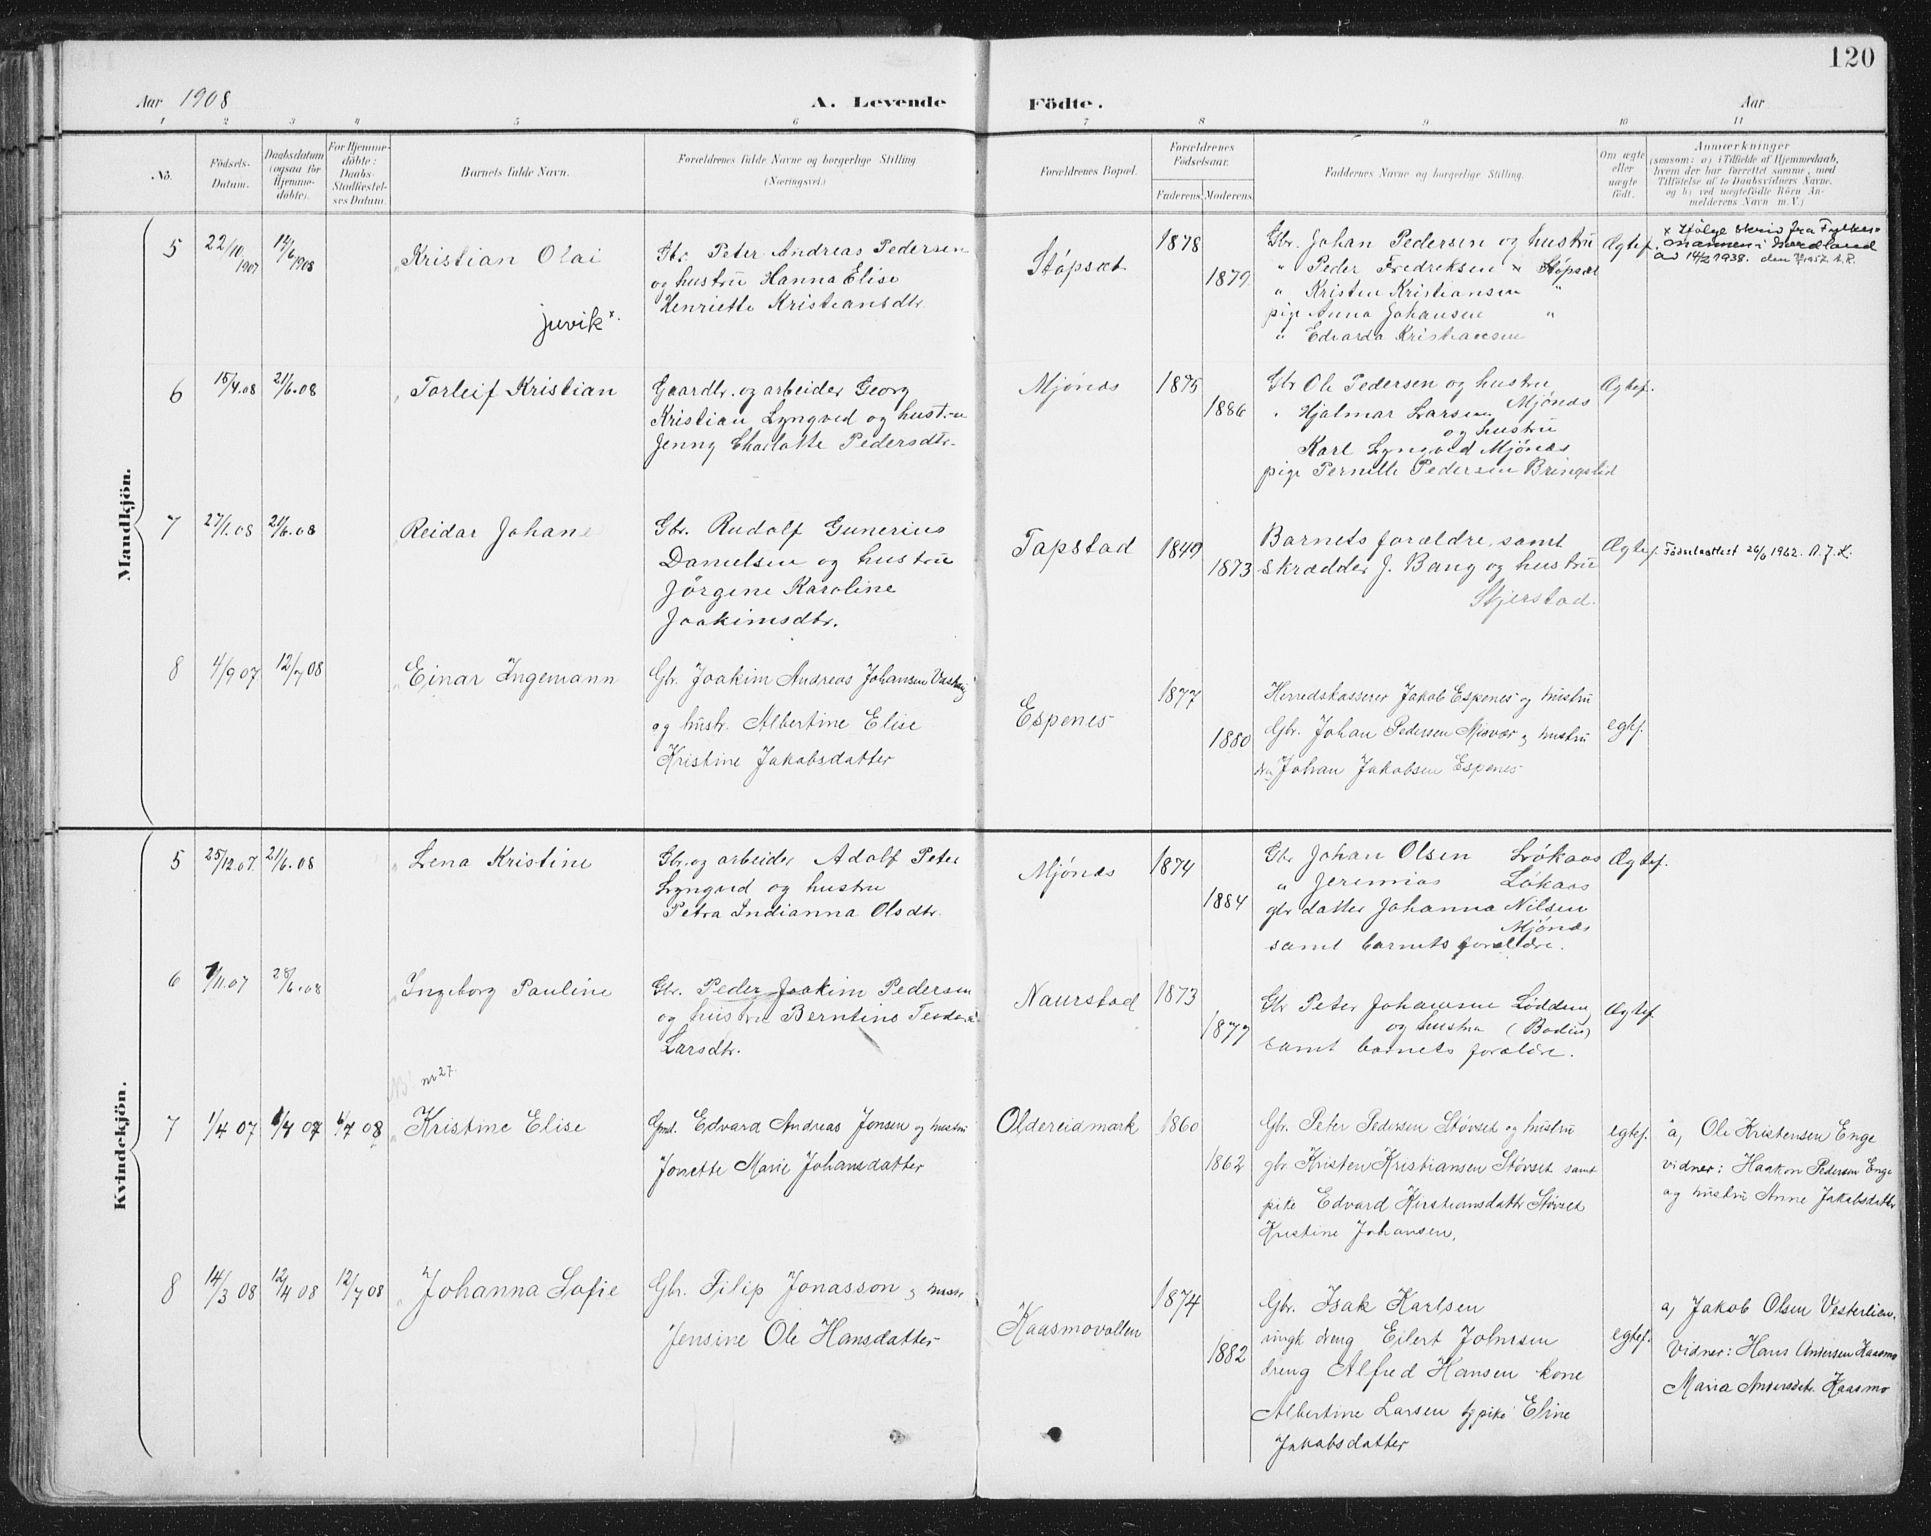 SAT, Ministerialprotokoller, klokkerbøker og fødselsregistre - Nordland, 852/L0741: Parish register (official) no. 852A11, 1894-1917, p. 120